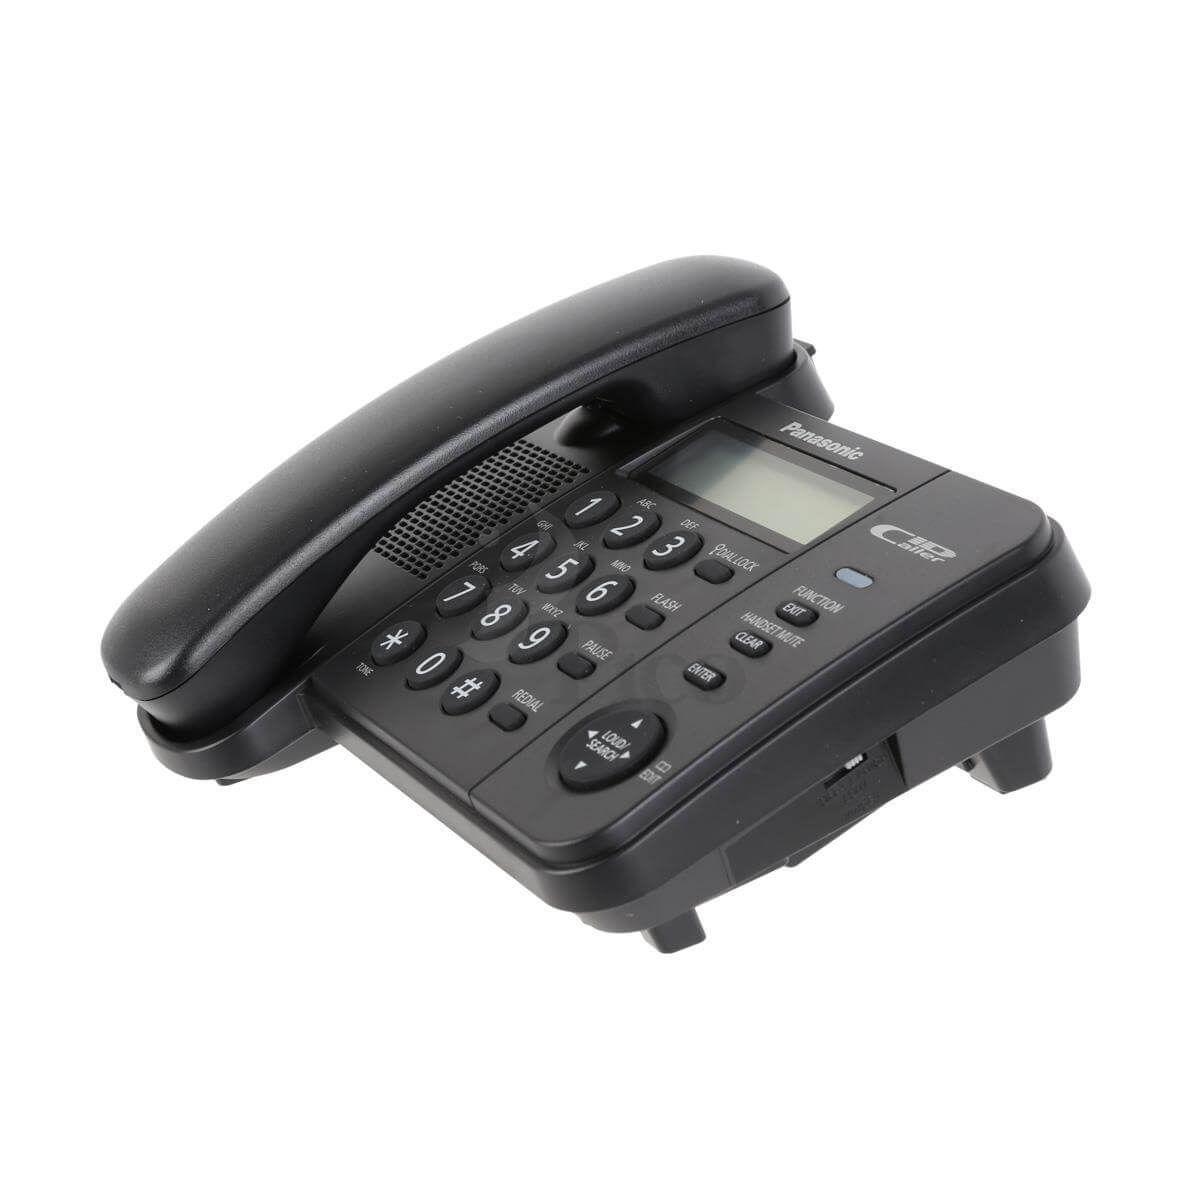 Điện thoại để bàn Panasonic KX-TS560 - Màu đen